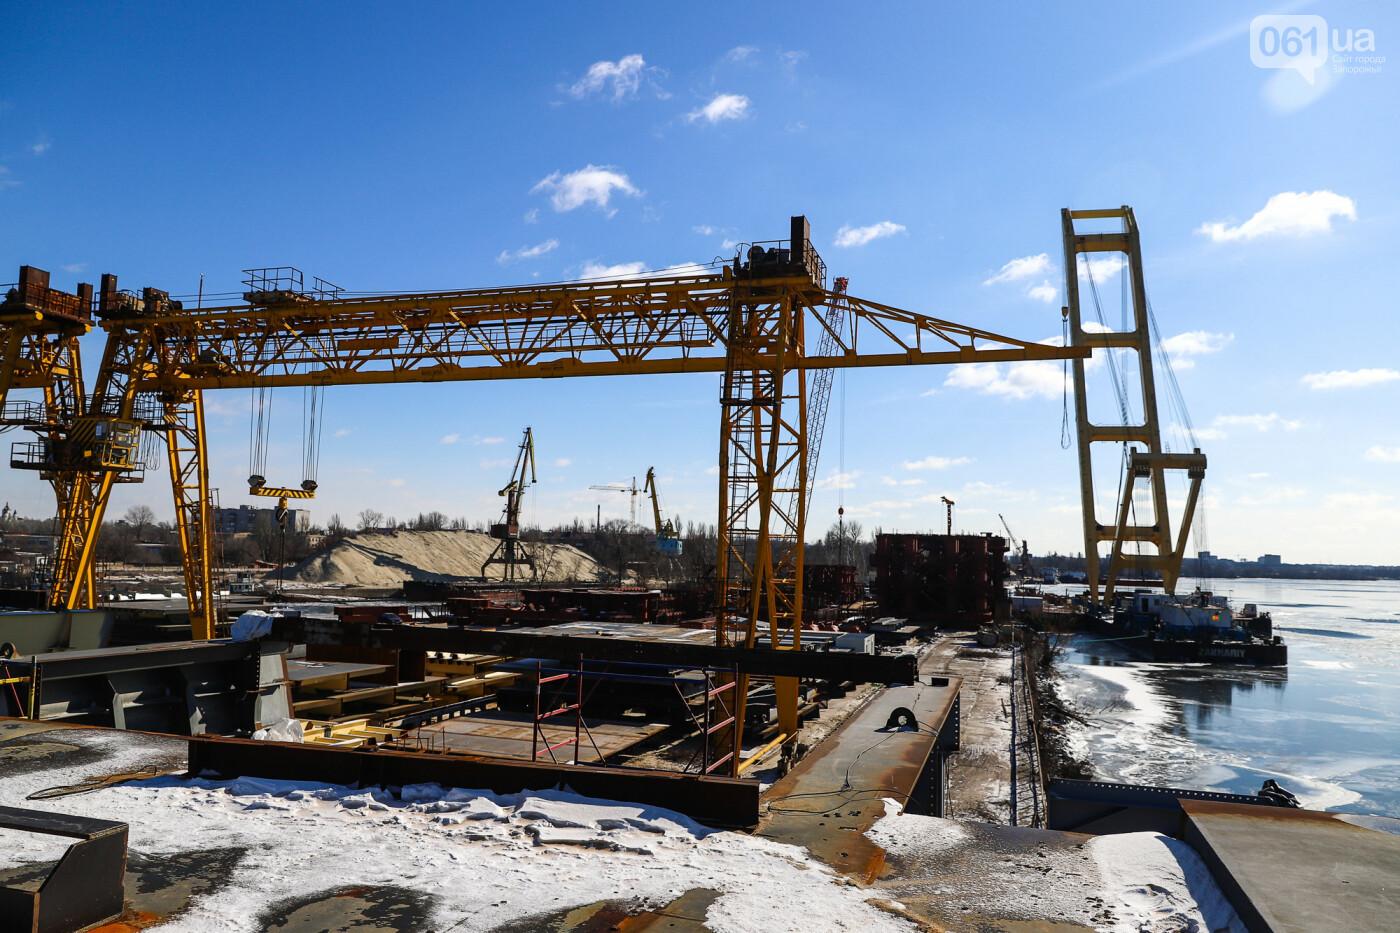 Кран с иностранной пропиской, ванты и металл: строительство запорожских мостов в фотографиях, фото-20